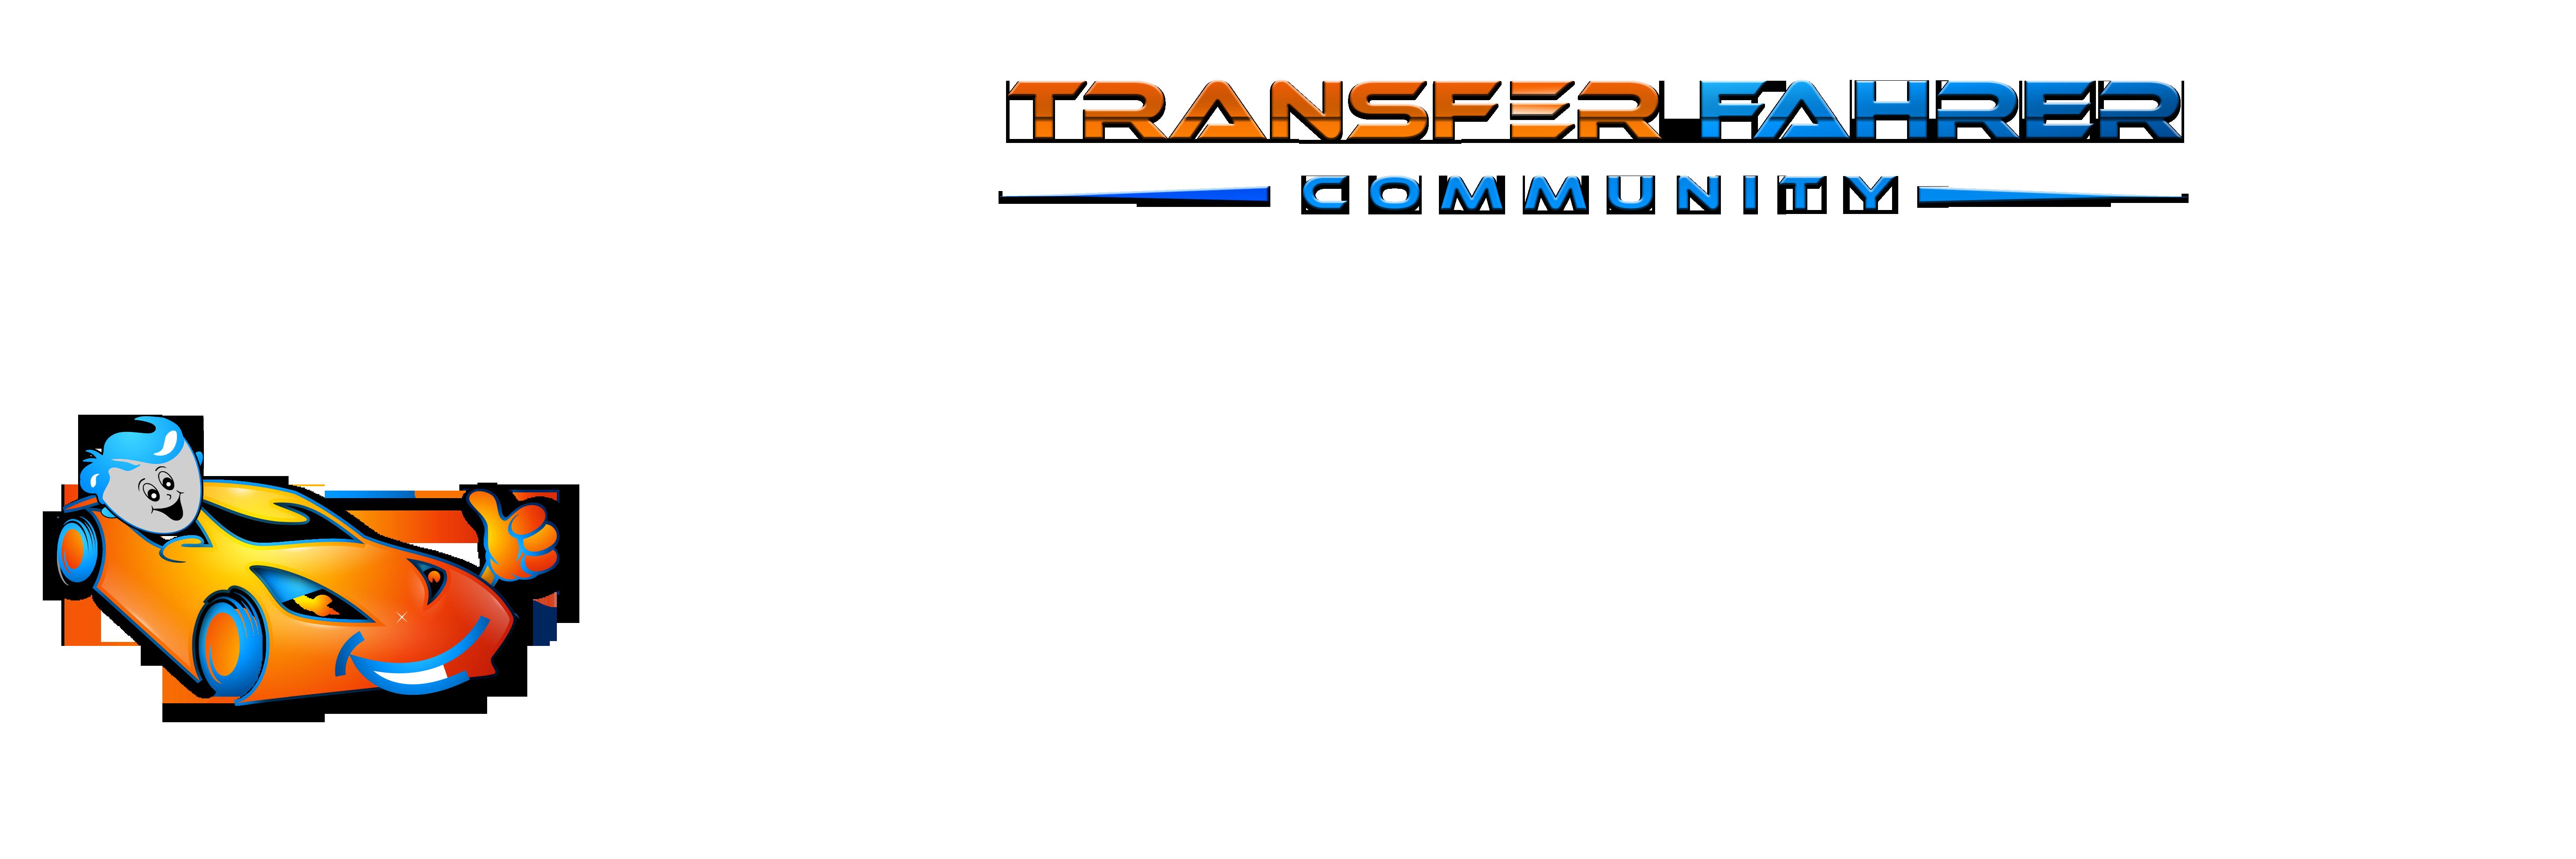 Transfer Fahrer Community Logo